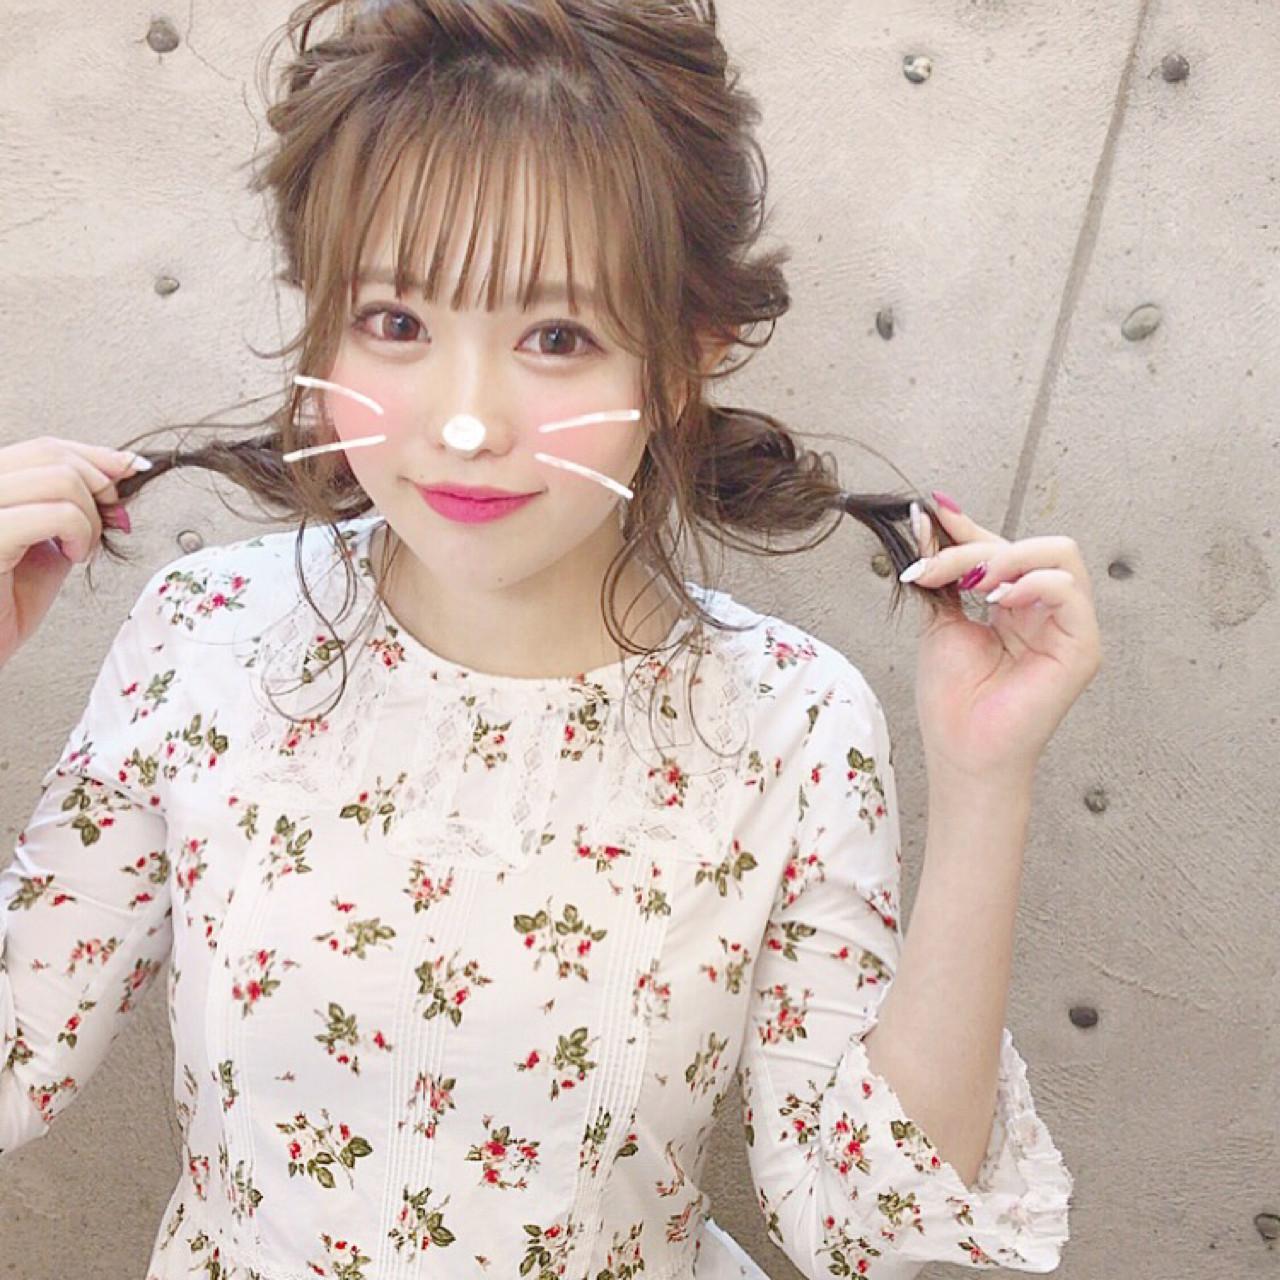 シースルーバング ヘアアレンジ ガーリー 簡単ヘアアレンジ ヘアスタイルや髪型の写真・画像 | Wataru Maeda / cache cache